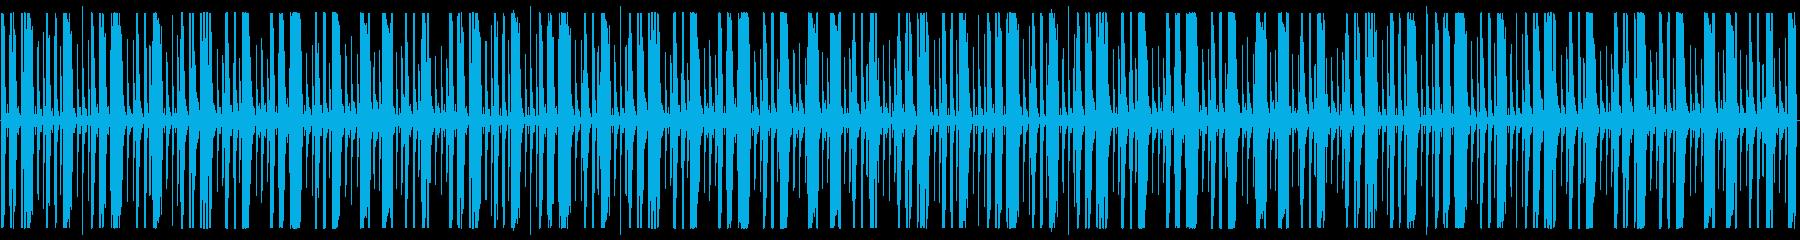 YouTube トロンボーン・コミカルの再生済みの波形